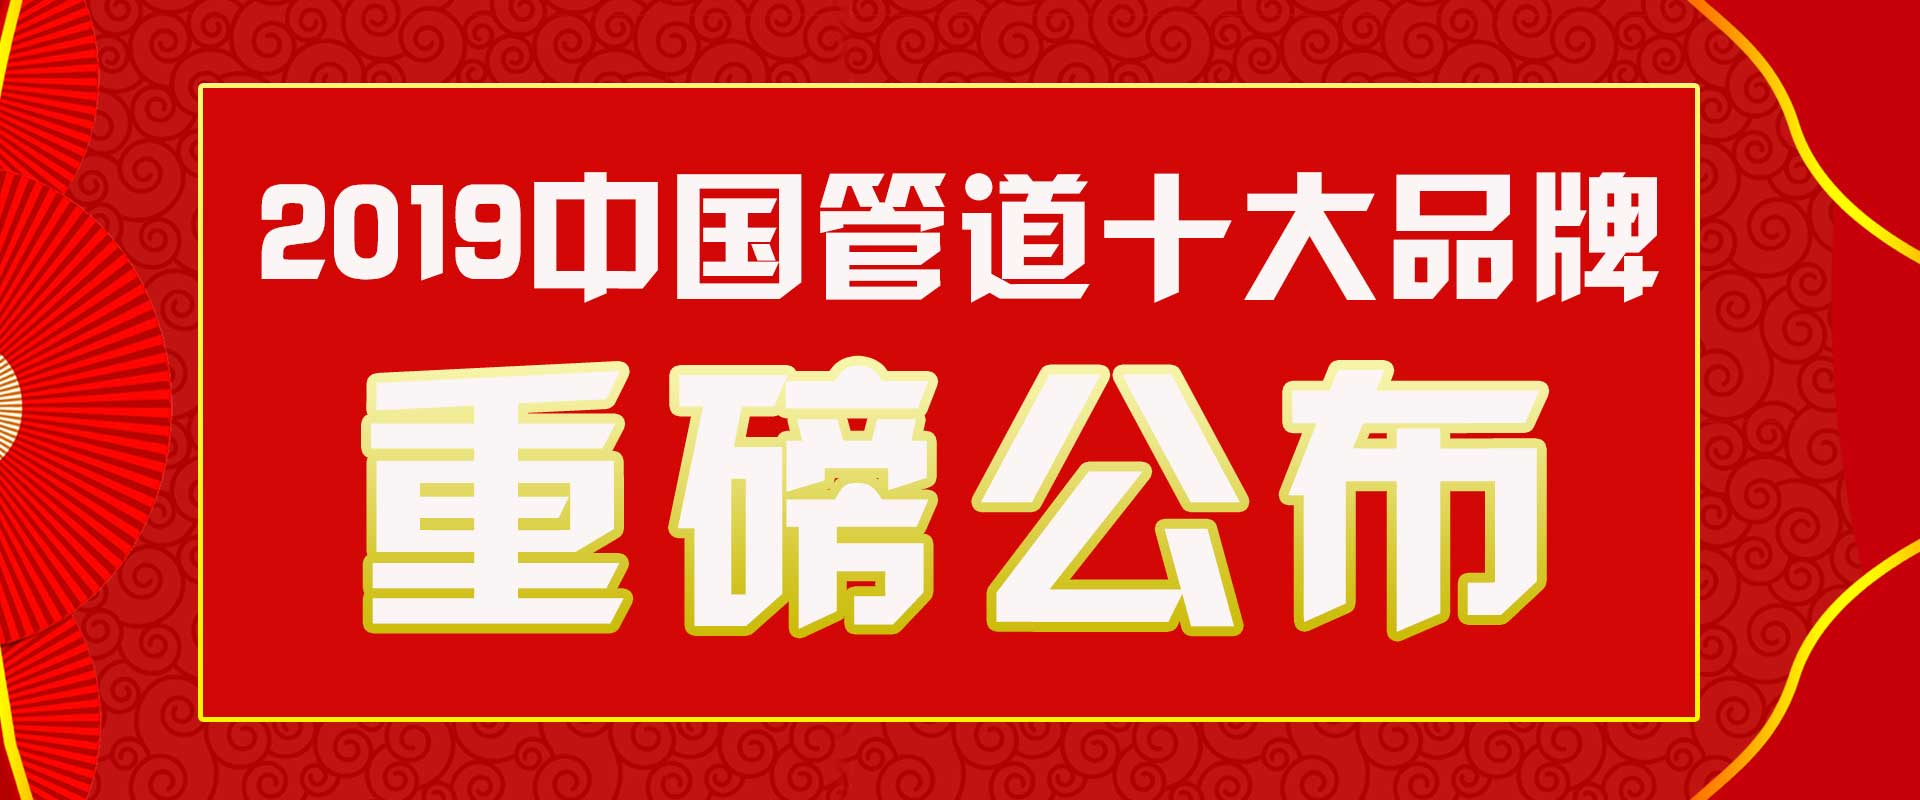 http://www.safsar.com/jiancaijiazhuang/447043.html